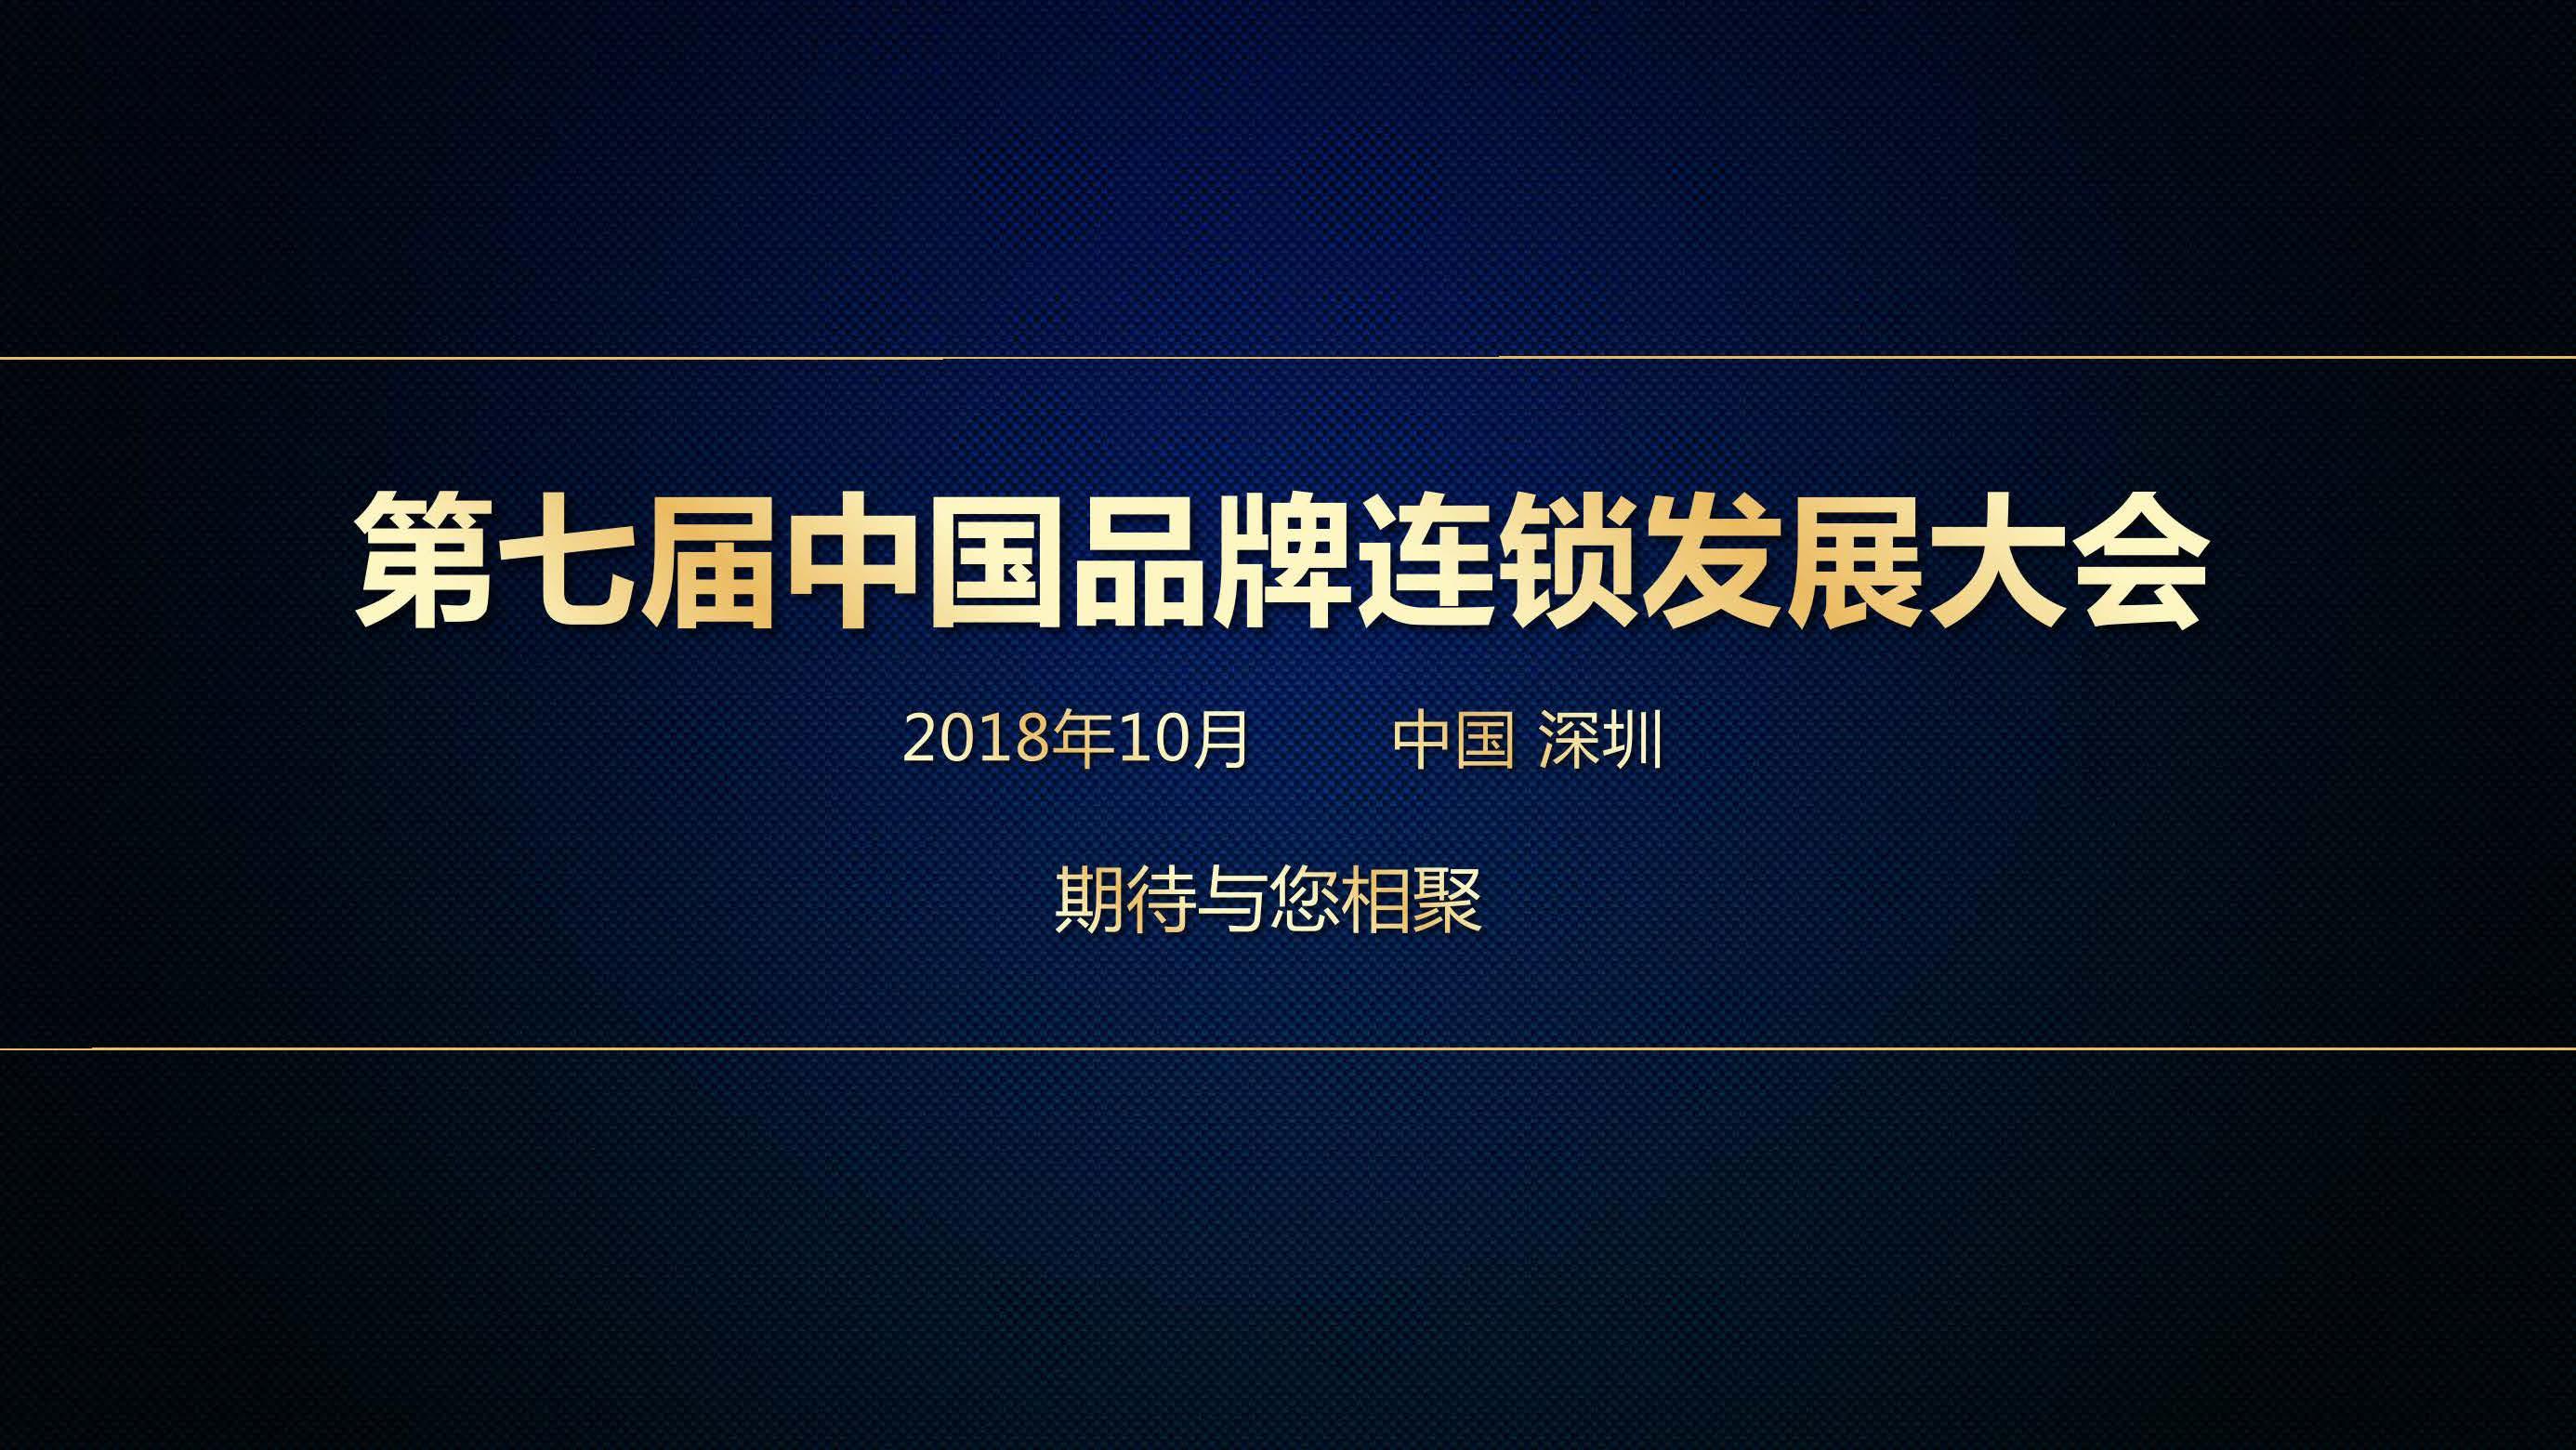 【通知】关于组织参加中国品牌连锁发展大会的通知